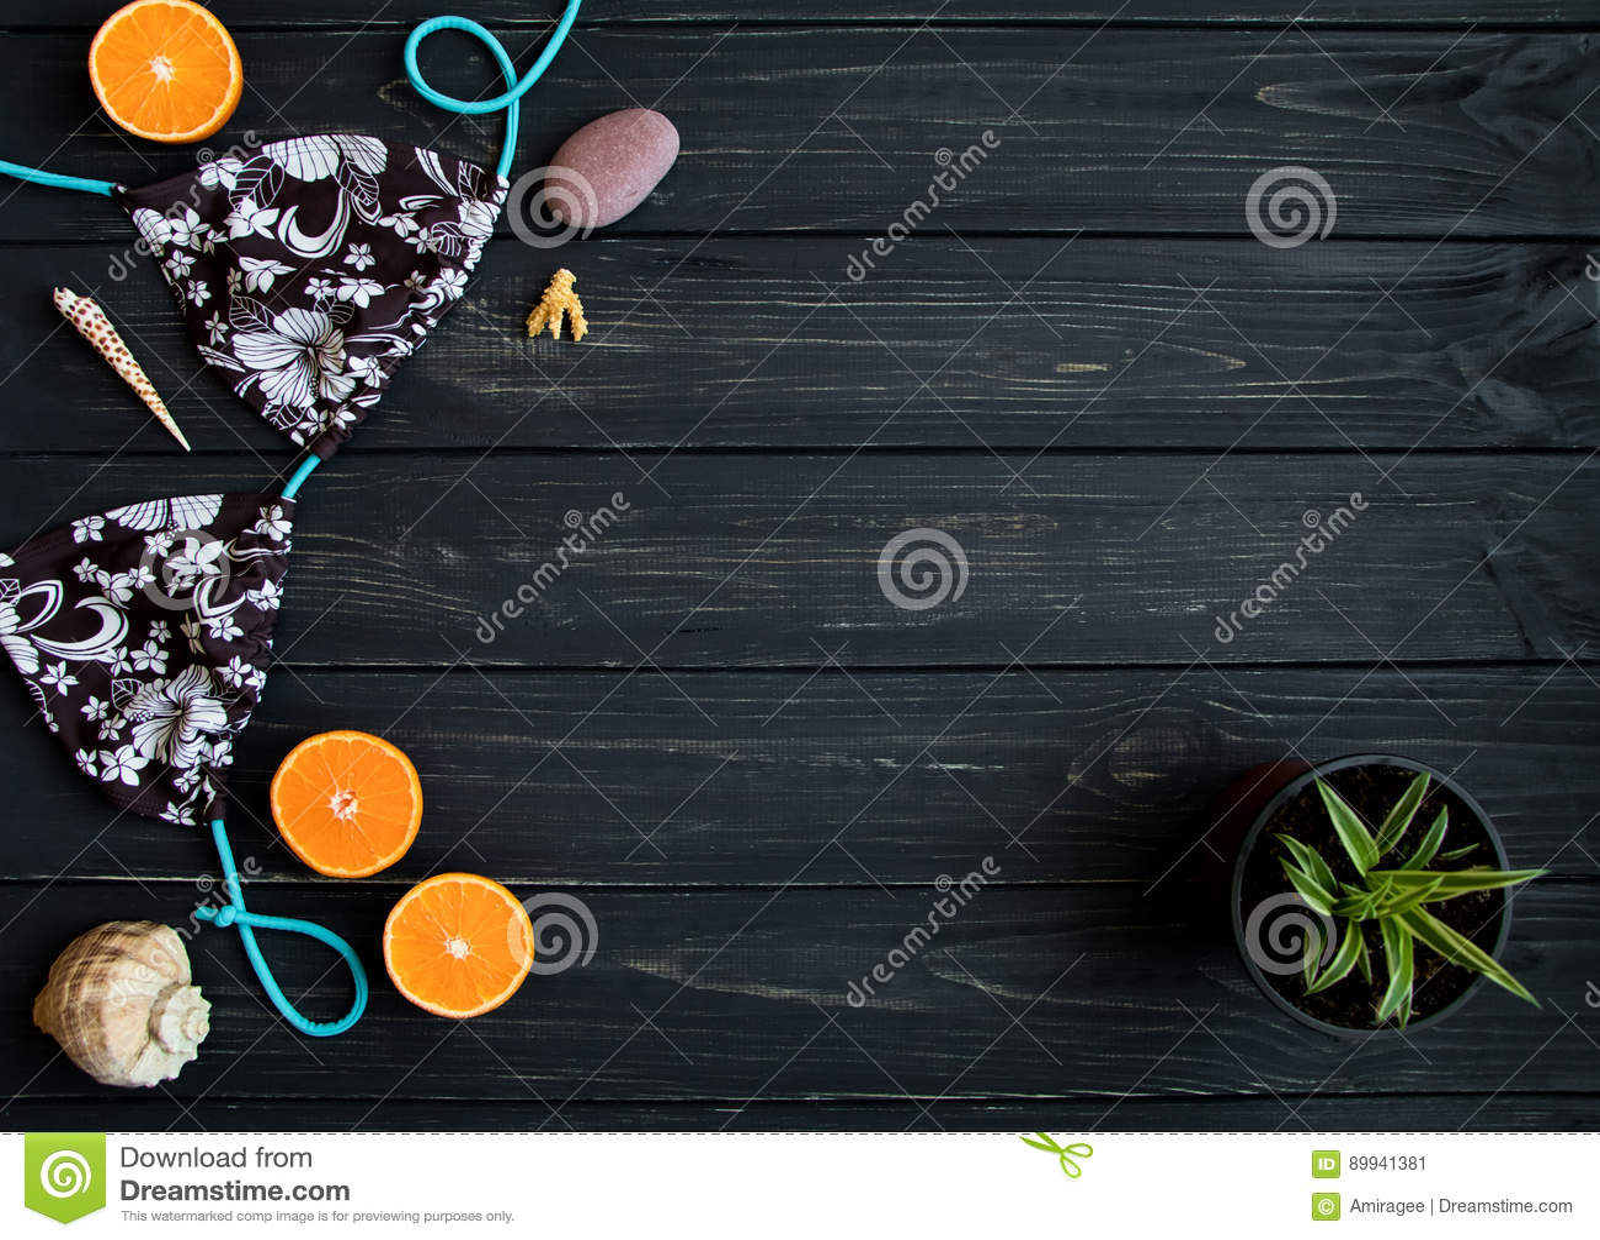 Στοιχεία διακοπών: μαγιό, πέτρες, θαλασσινά κοχύλια, φρούτα Η φωτογραφία ταξιδιού, επίπεδη βάζει, τοπ άποψη